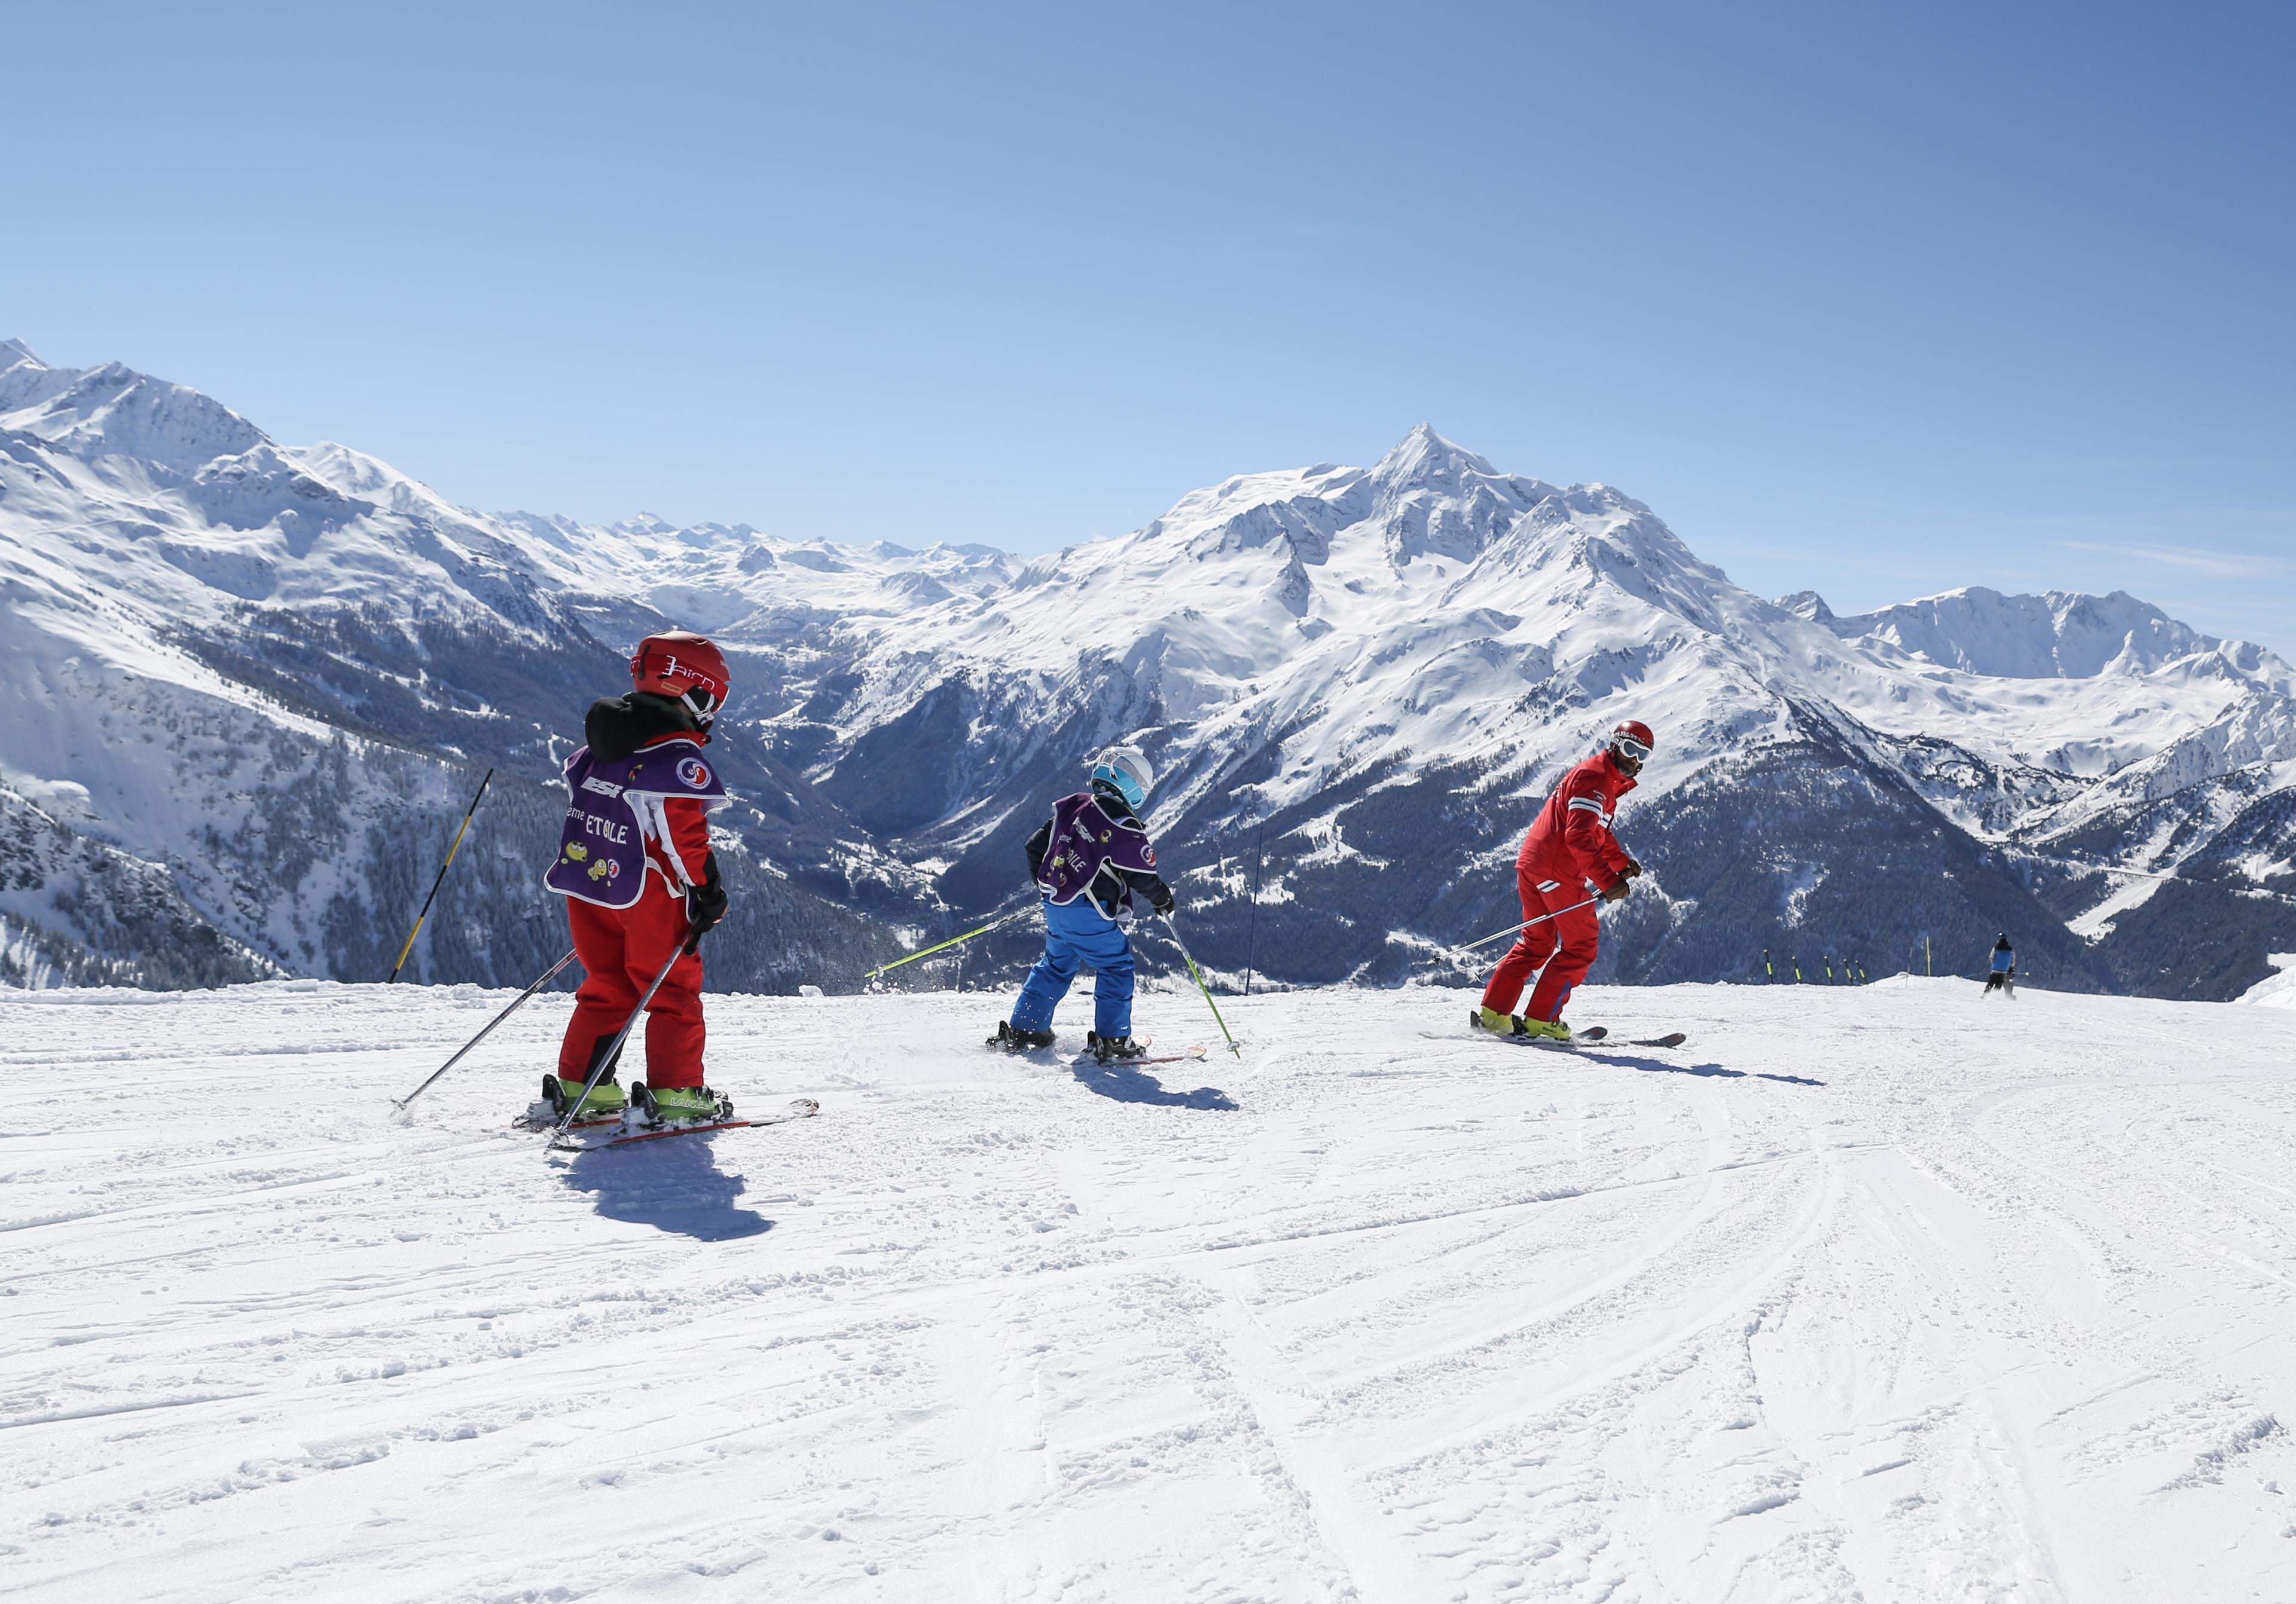 Cours de ski Enfants (3-13 ans) - Haute saison - Après-midi